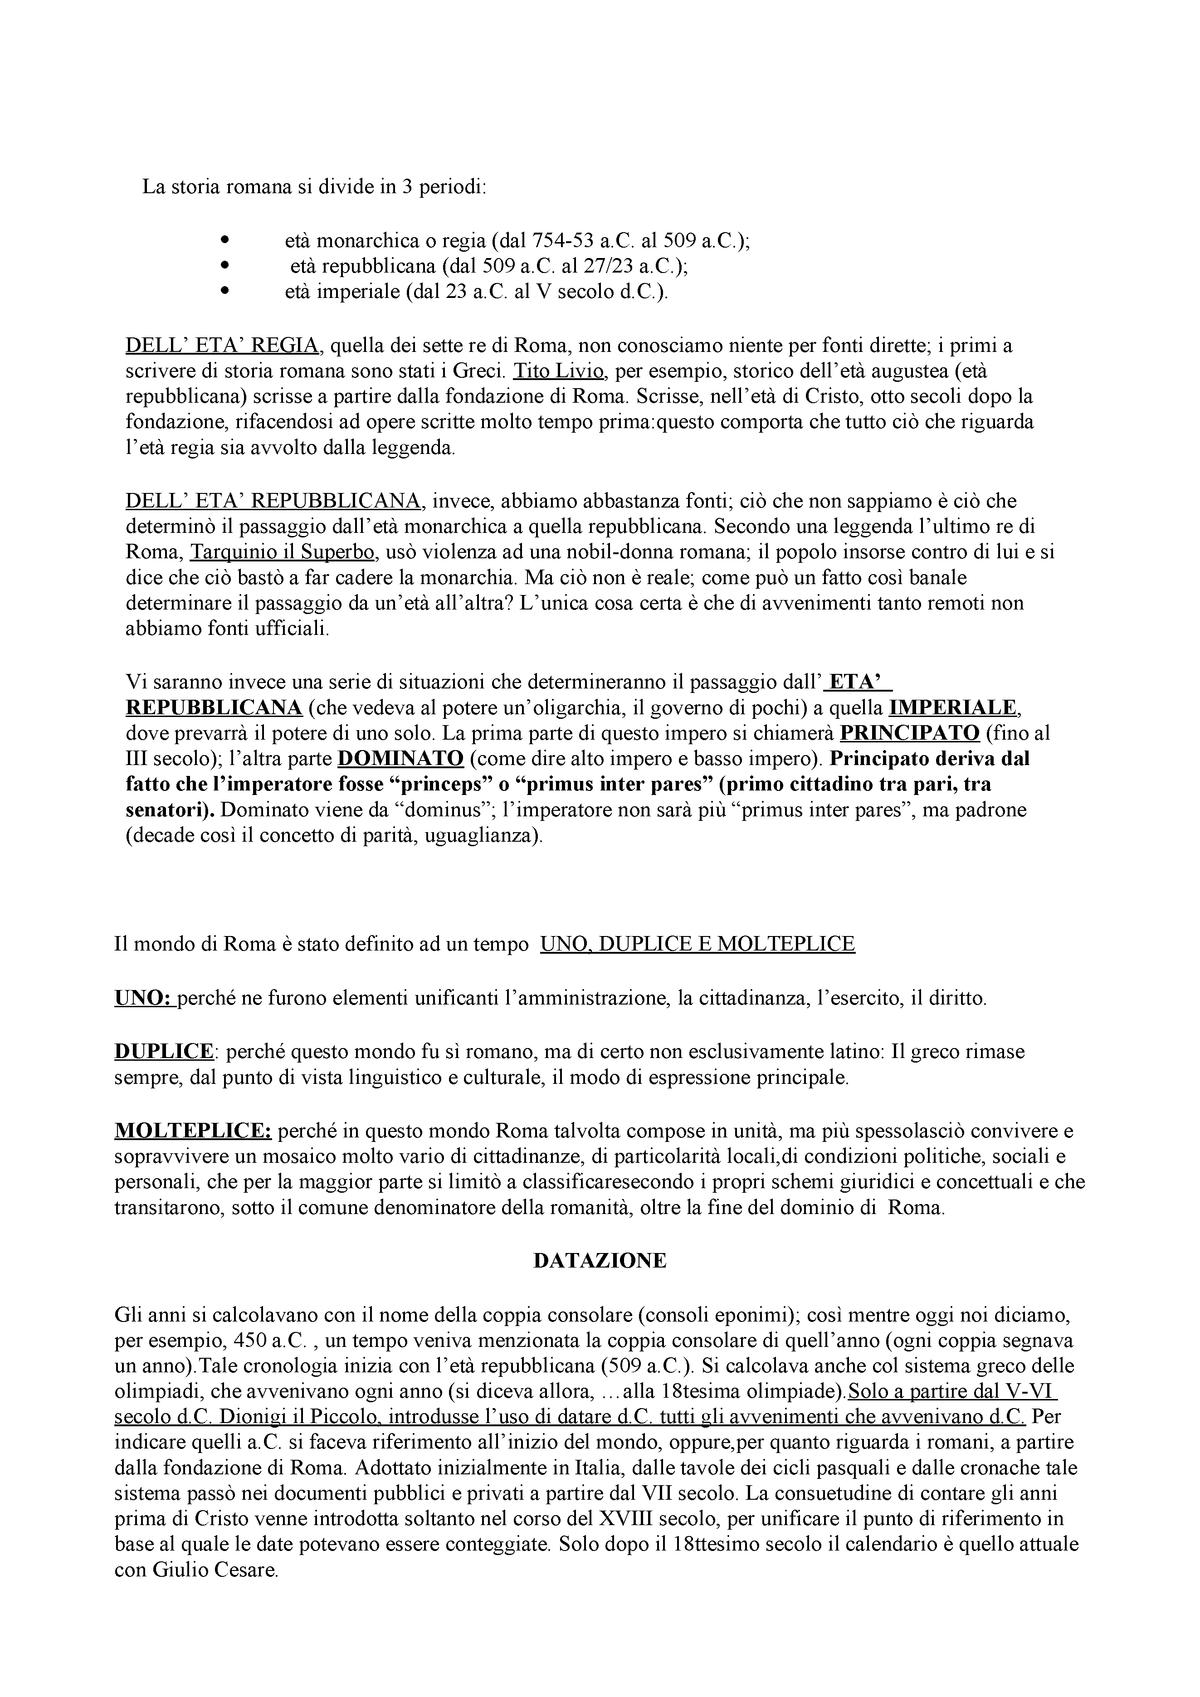 Nuove regole di datazione delletà